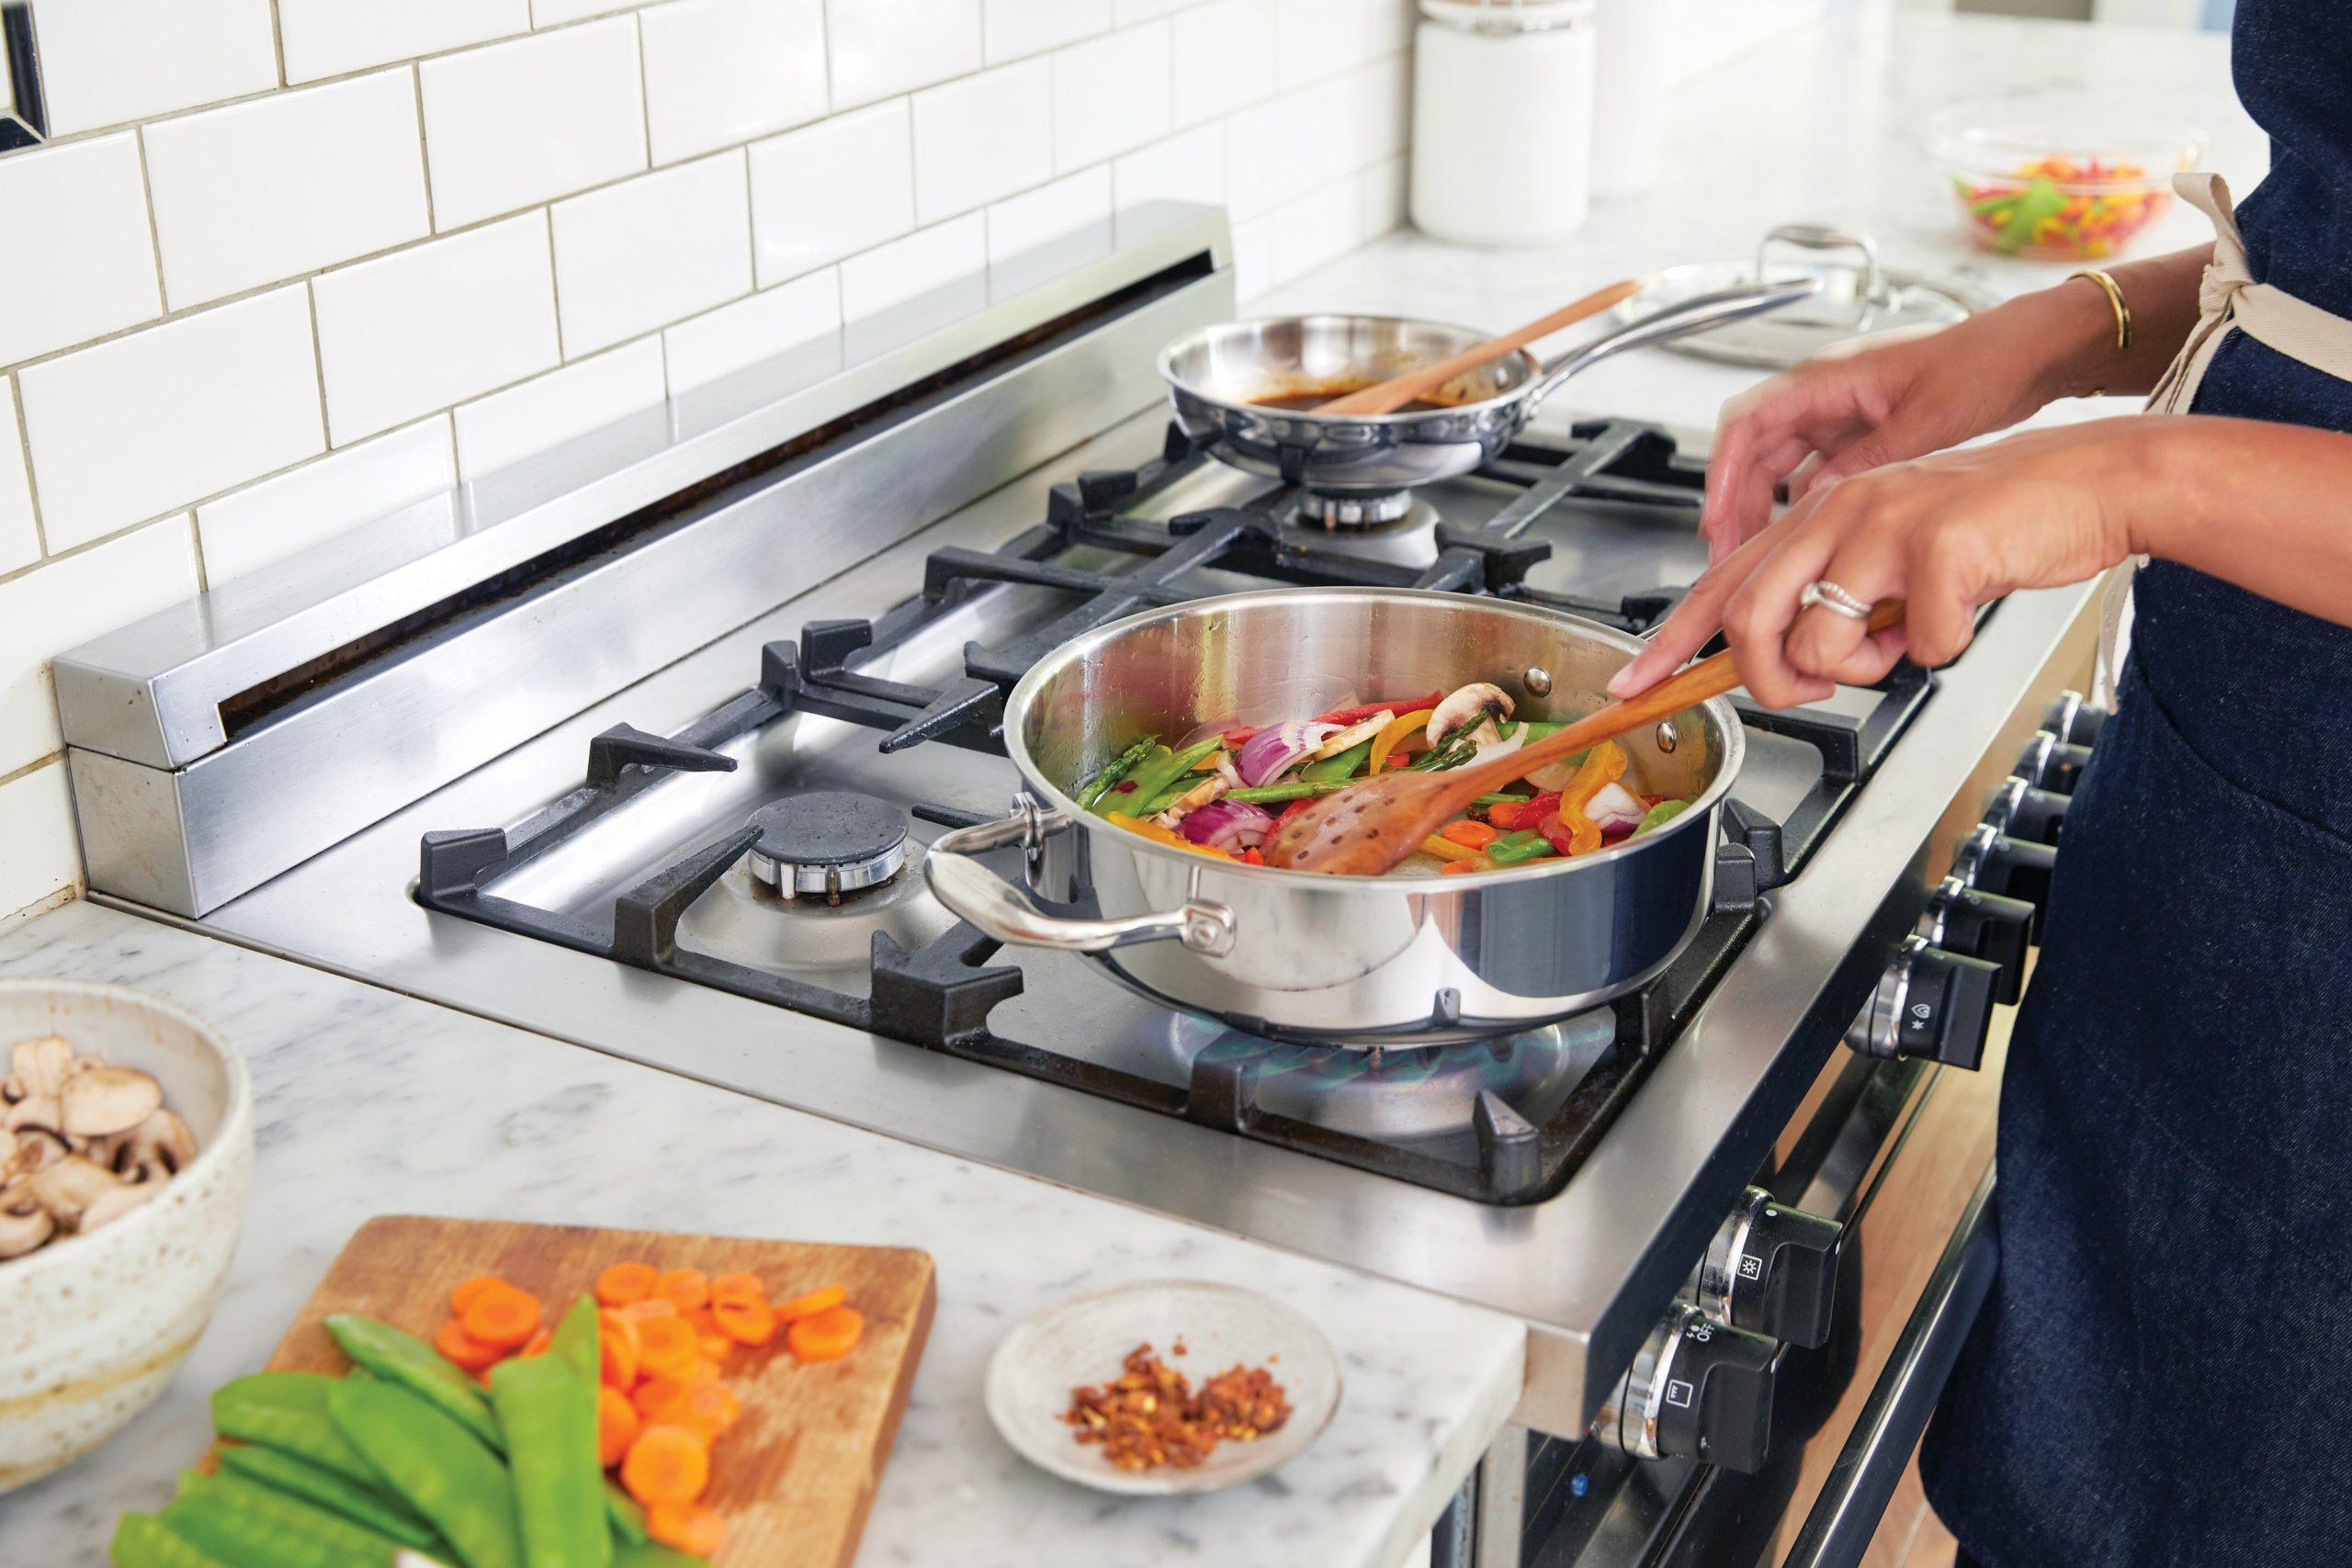 Imagem de uma pessoa cozinhando em um fogão 5 bocas.